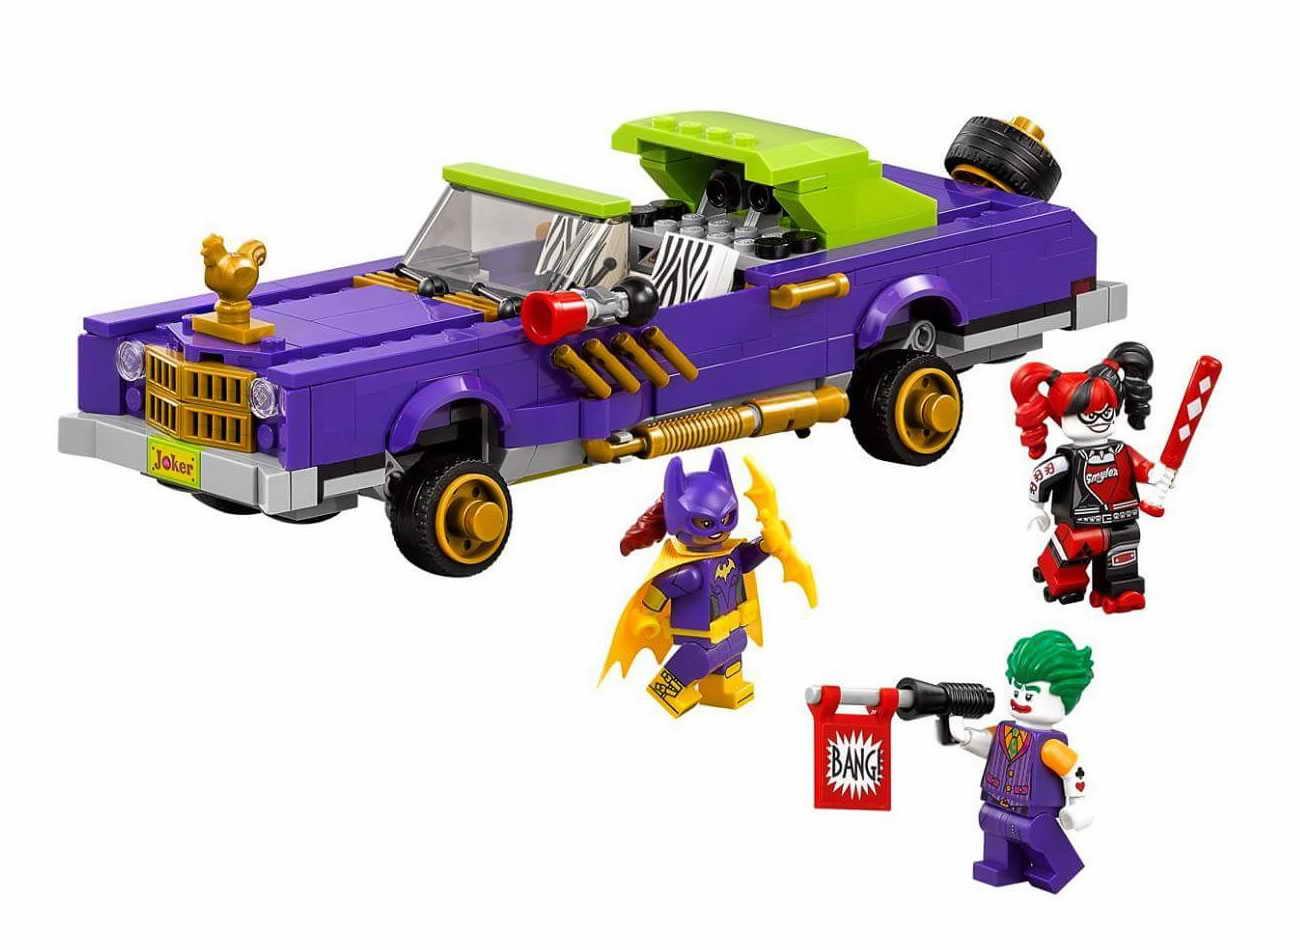 LEGO gosSIP: 210716 LEGO Batman Movie : The Joker ...